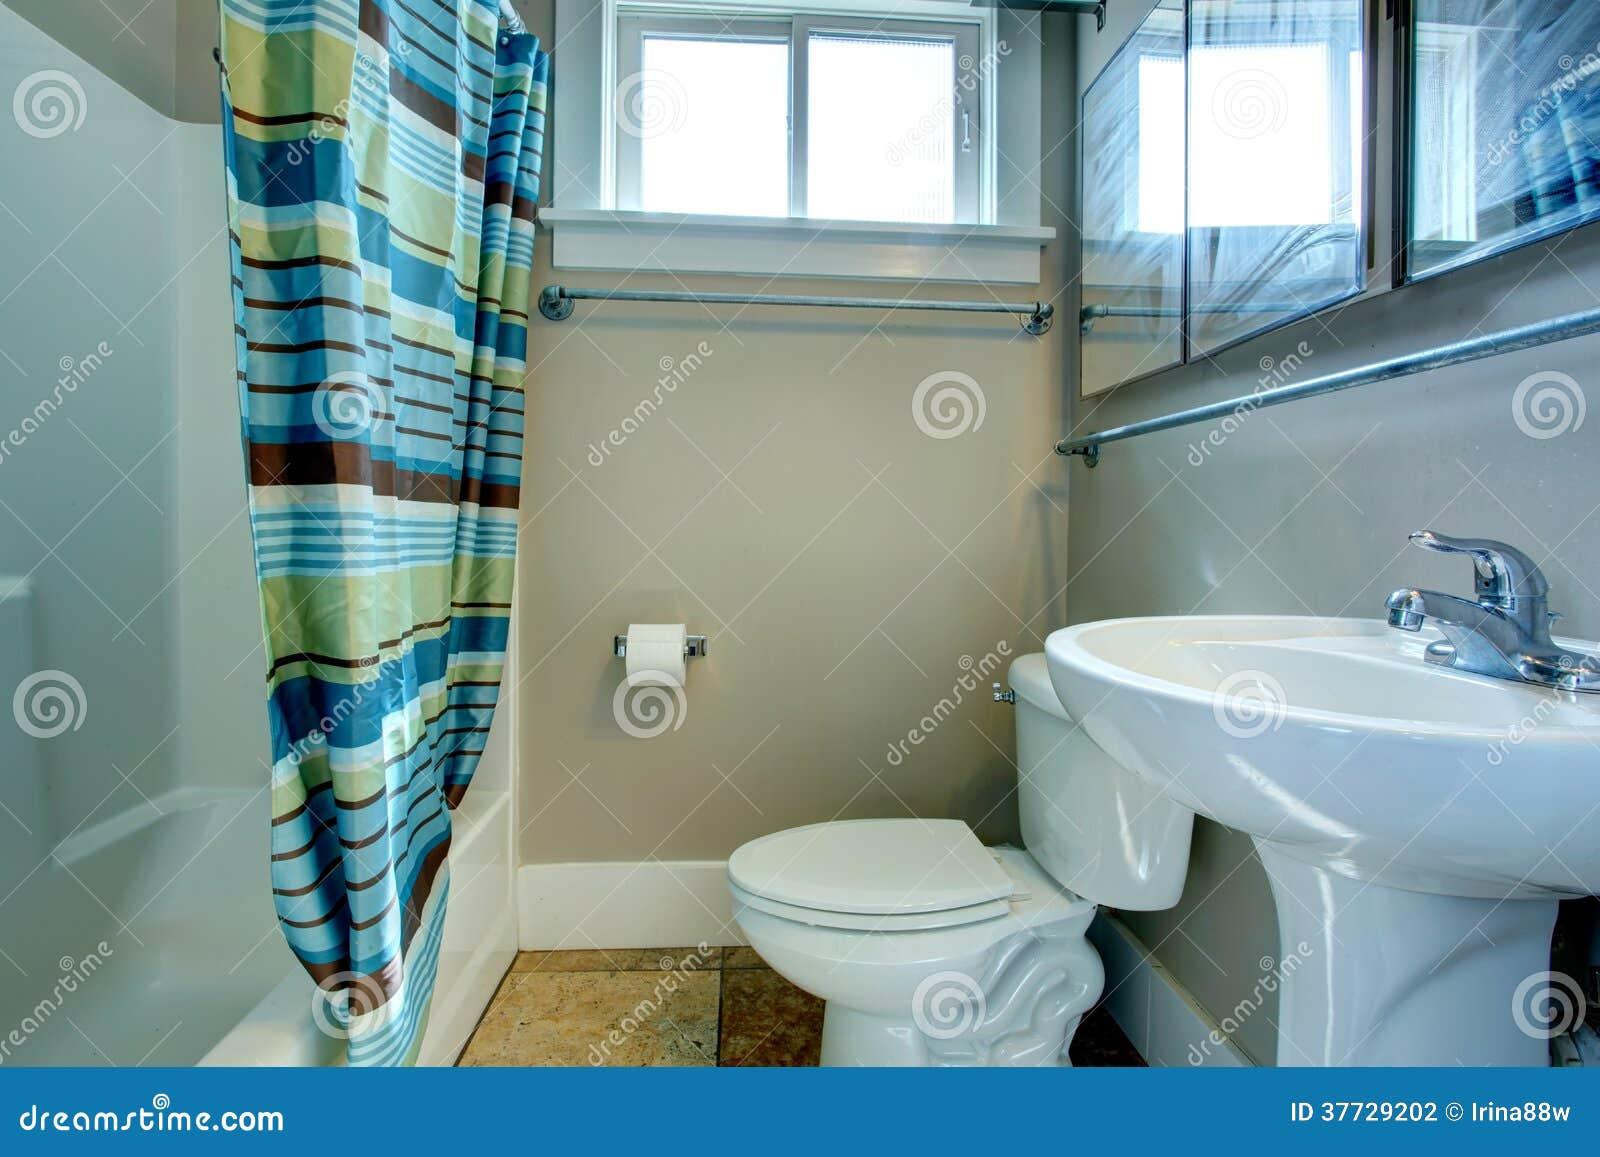 Banheiro Acolhedor Com Cortinas Listradas Fotografia de Stock Imagem  #1A4A62 1300x957 Banheiro Com Box De Cortina